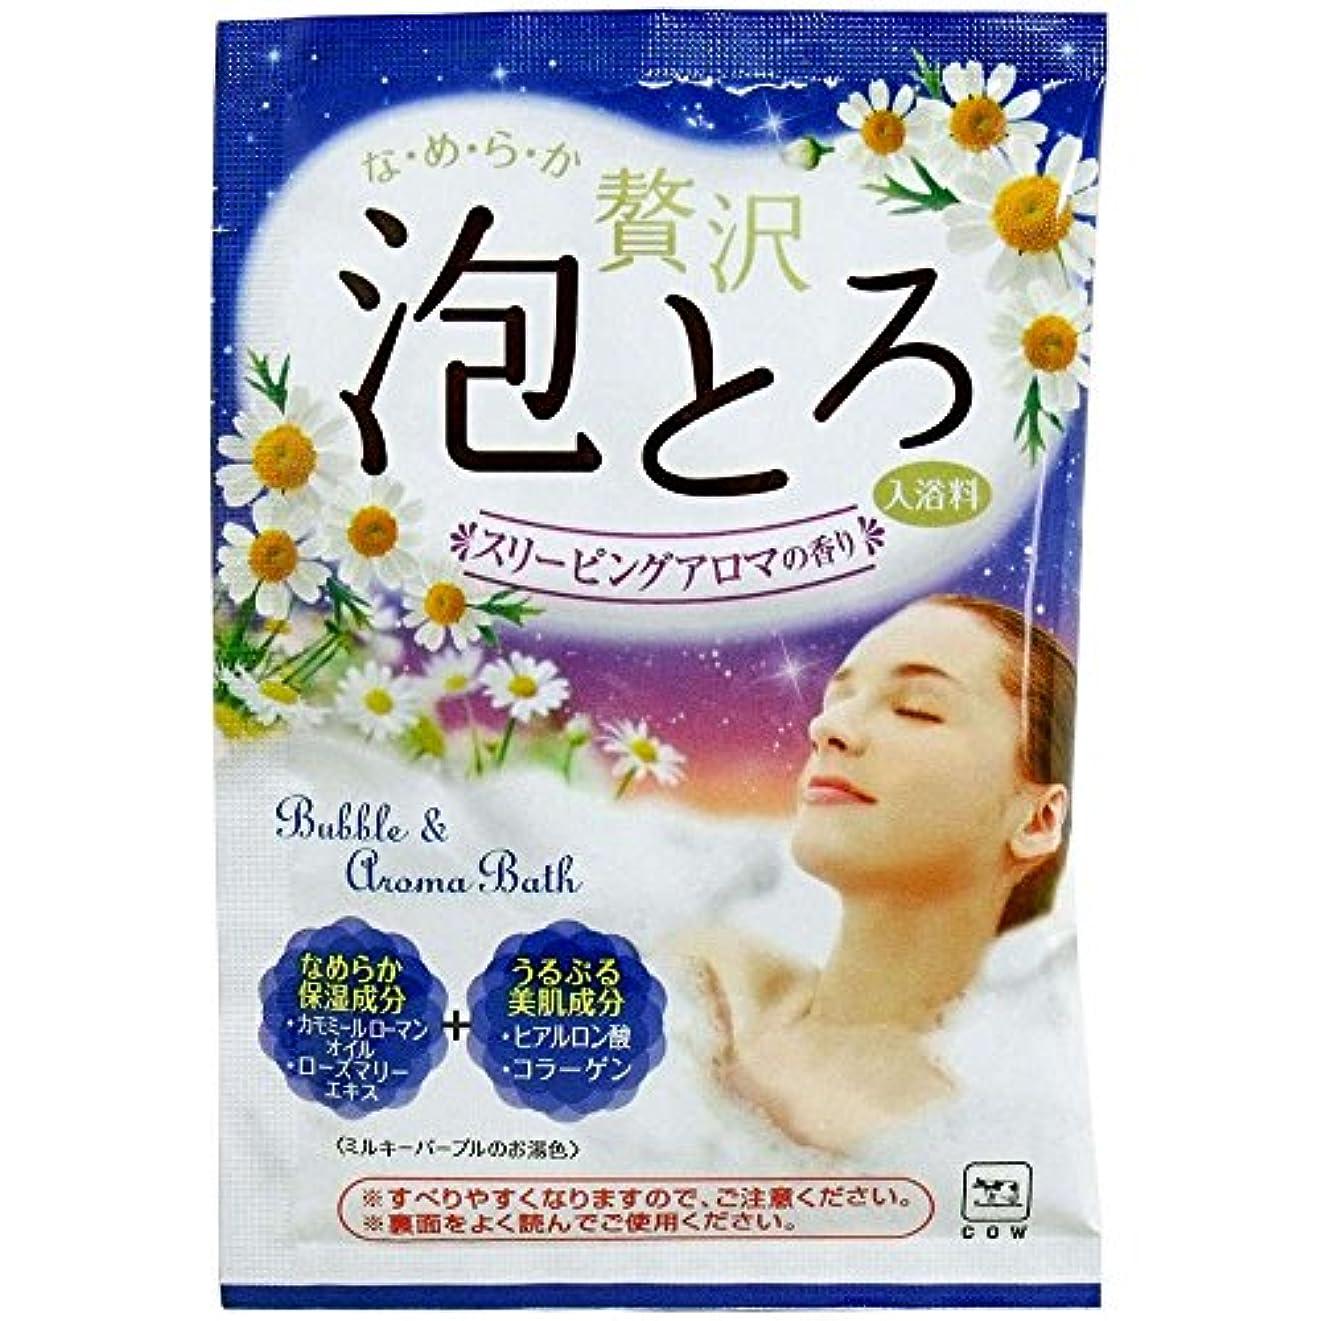 鏡最近コンテンツ牛乳石鹸 お湯物語 贅沢泡とろ 入浴料 スリーピングアロマ 30g